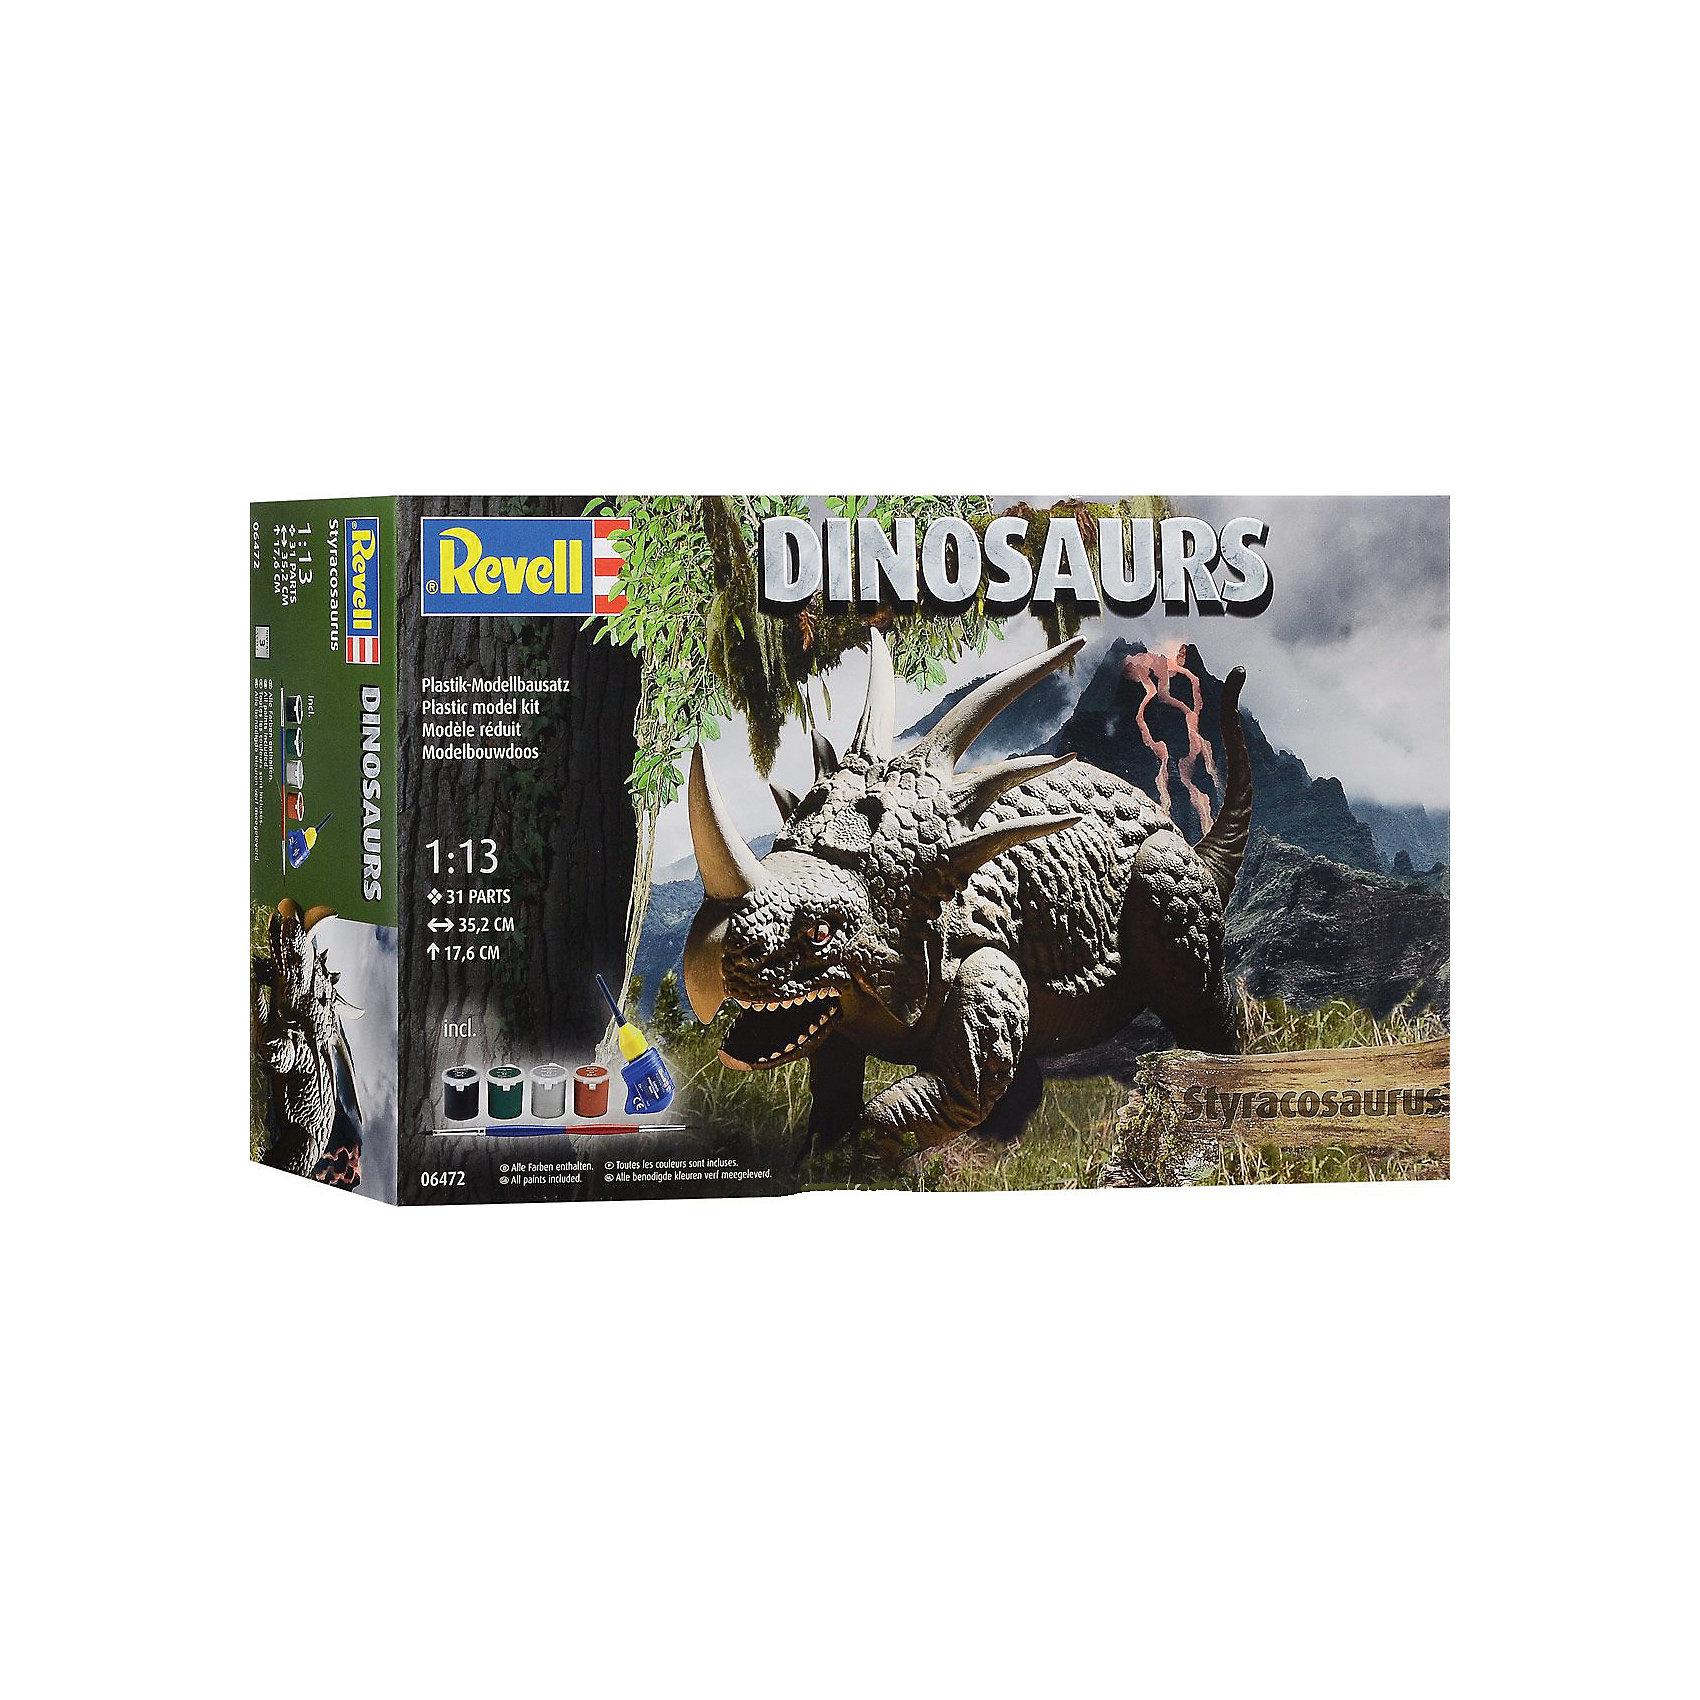 Стиракозавр, RevellДраконы и динозавры<br>Характеристики товара:<br><br>• возраст от 10 лет;<br>• материал: пластик;<br>• в комплекте: 31 деталь, 4 банки с краской, кисточка, клей;<br>• высота собранной модели 17,6 см;<br>• масштаб 1:13;<br>• размер упаковки 44х25х11,2 см;<br>• вес упаковки 900 гр.;<br>• страна производитель: Польша.<br><br>Сборная модель «Стиракозавр» Revell позволит познакомиться с миром доисторических обитателей нашей планеты и собрать модель Стиракозавра. Все детали легко соединяются между собой без дополнительных инструментов, для прочности они склеиваются между собой. Готовую модель детям предстоит самостоятельно раскрасить акриловыми красками. Такое занятие не только увлечет ребенка, но и способствует развитию моторики рук, логического мышления, усидчивости.<br><br>Стиракозавра Revell можно приобрести в нашем интернет-магазине.<br><br>Ширина мм: 440<br>Глубина мм: 248<br>Высота мм: 117<br>Вес г: 796<br>Возраст от месяцев: 120<br>Возраст до месяцев: 180<br>Пол: Мужской<br>Возраст: Детский<br>SKU: 4150238